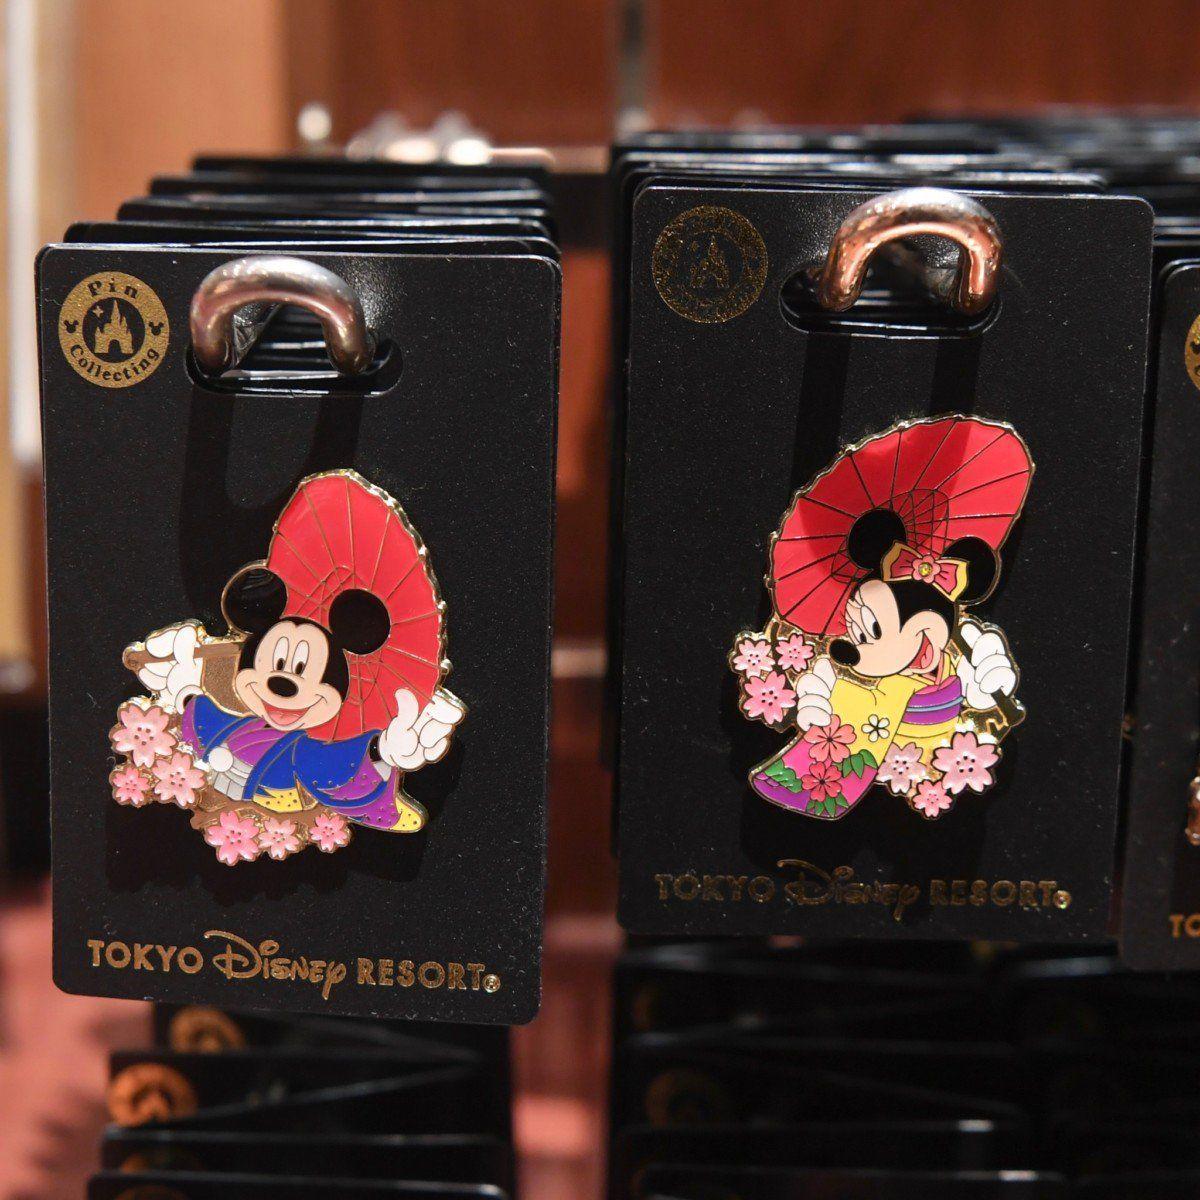 番傘がおしゃれな晴れ着姿!東京ディズニーランド「ミッキー&ミニー」グッズ・お土産桜もデザインされたピンバッジ本日発売☆1200円です詳しくは→